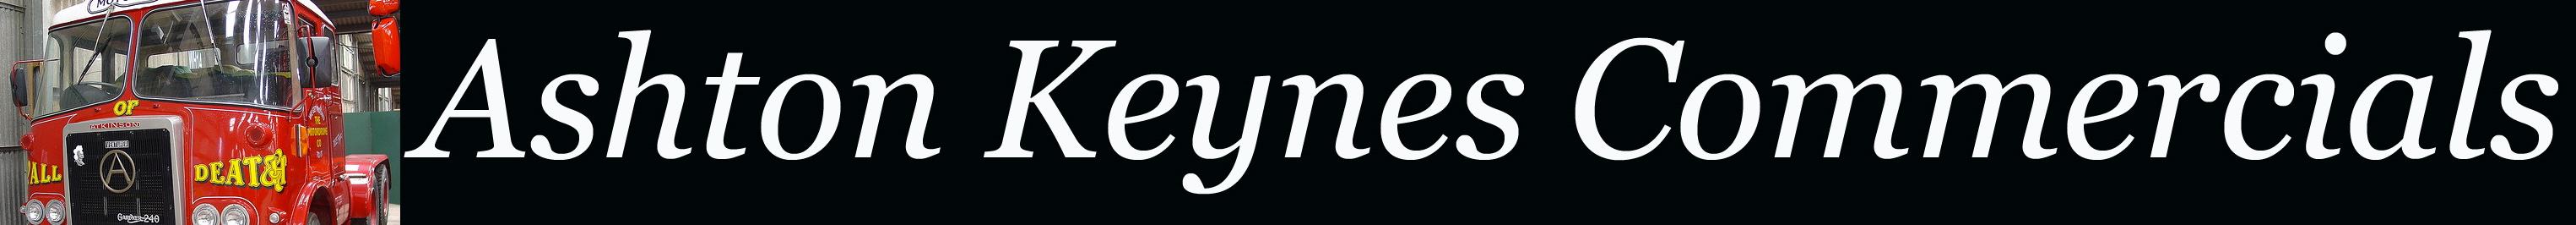 Ashton keynes